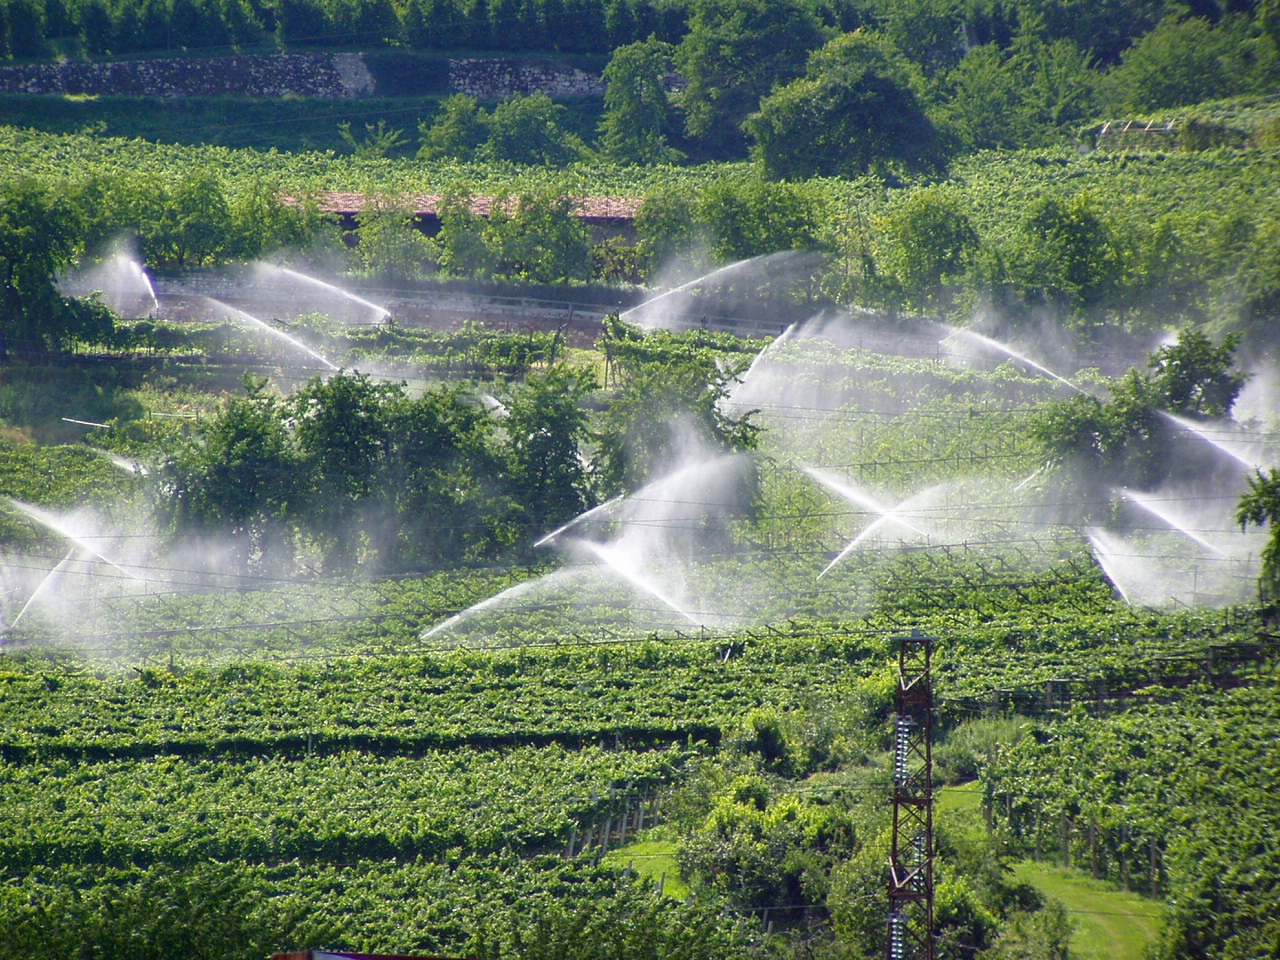 File:10 Sprinklers in vineyard - Trentino-Alto Adige, Italy.jpg - Wikimedia  Commons